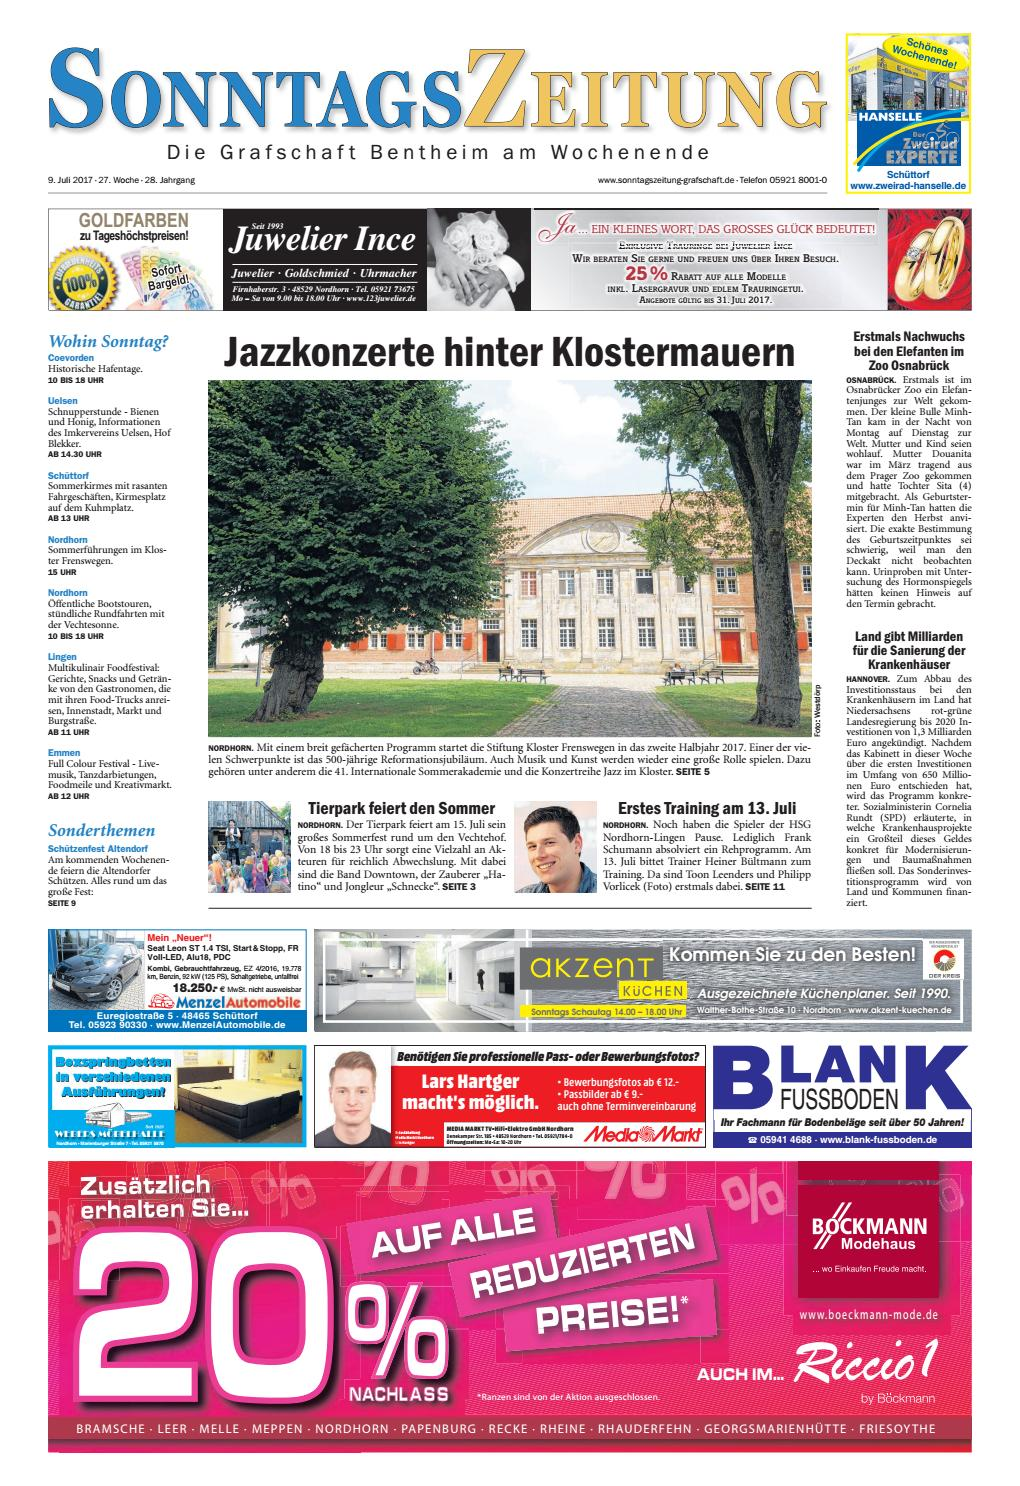 Sonntagszeitung 25102015 By Issuu Bauelemente Fr Induktionsherde Energieeffizienz In Der Kche Tdk 09 07 2017